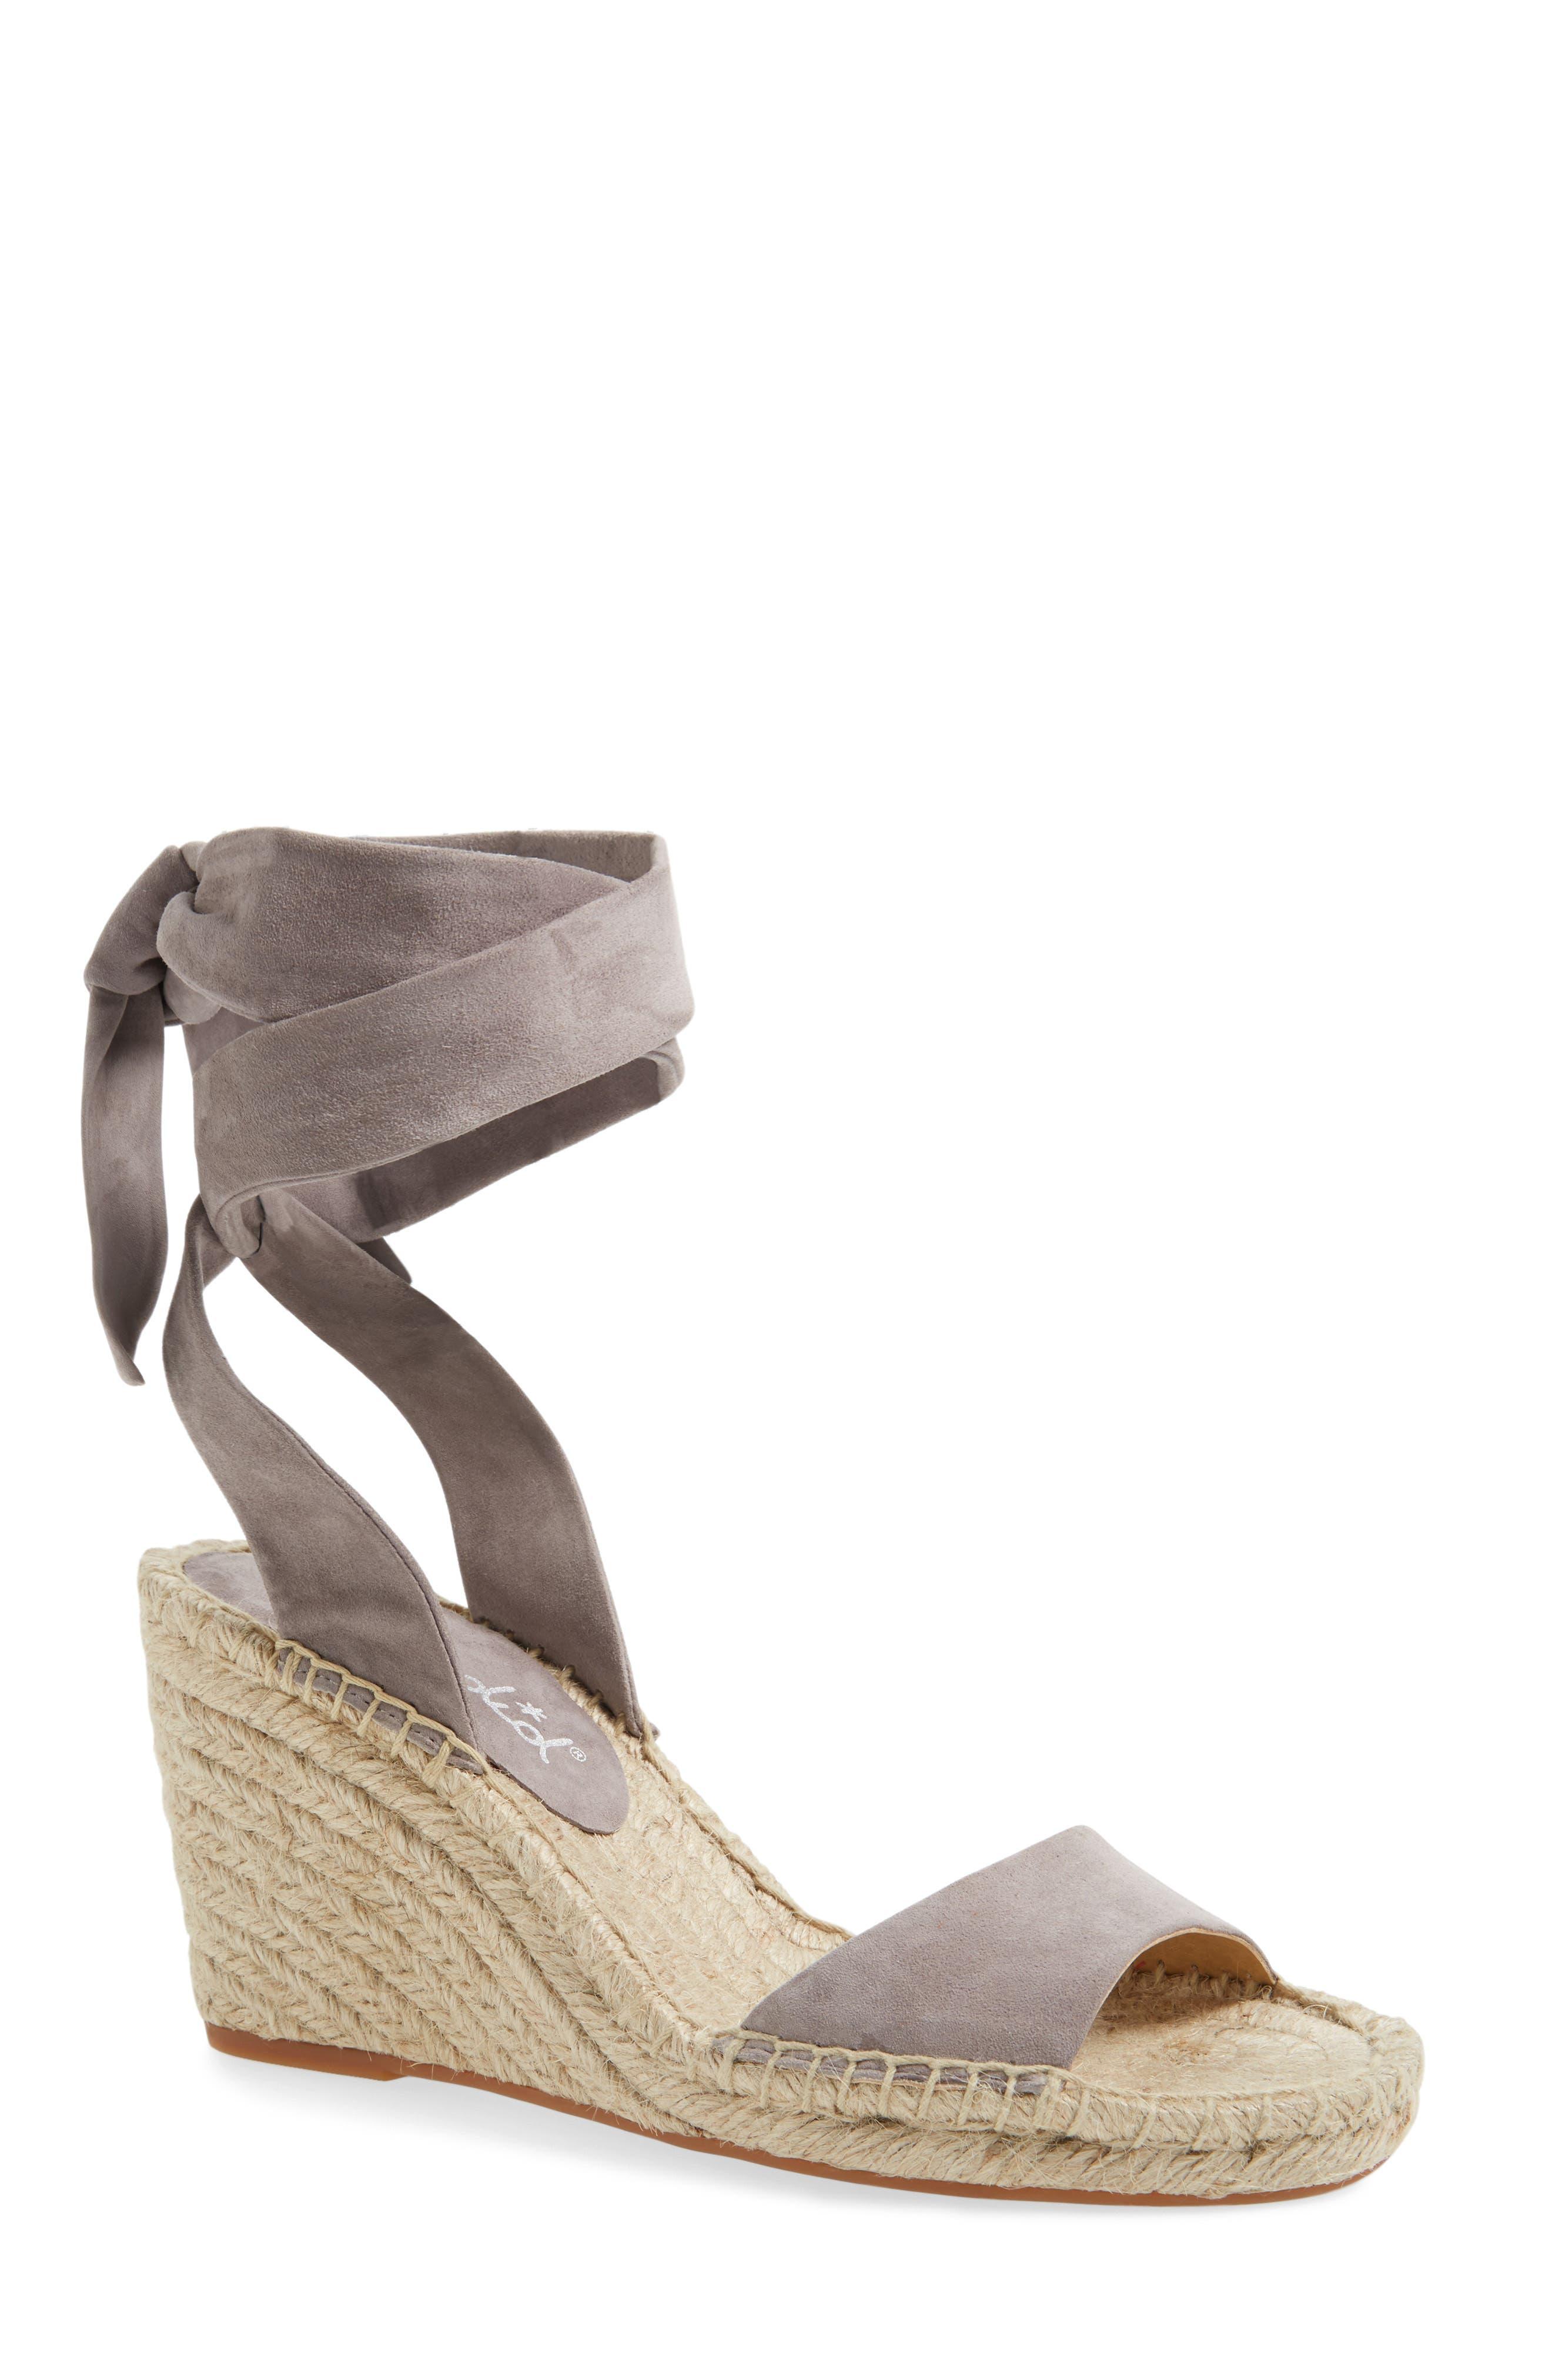 Joelle Ankle Tie Espadrille, Main, color, 053